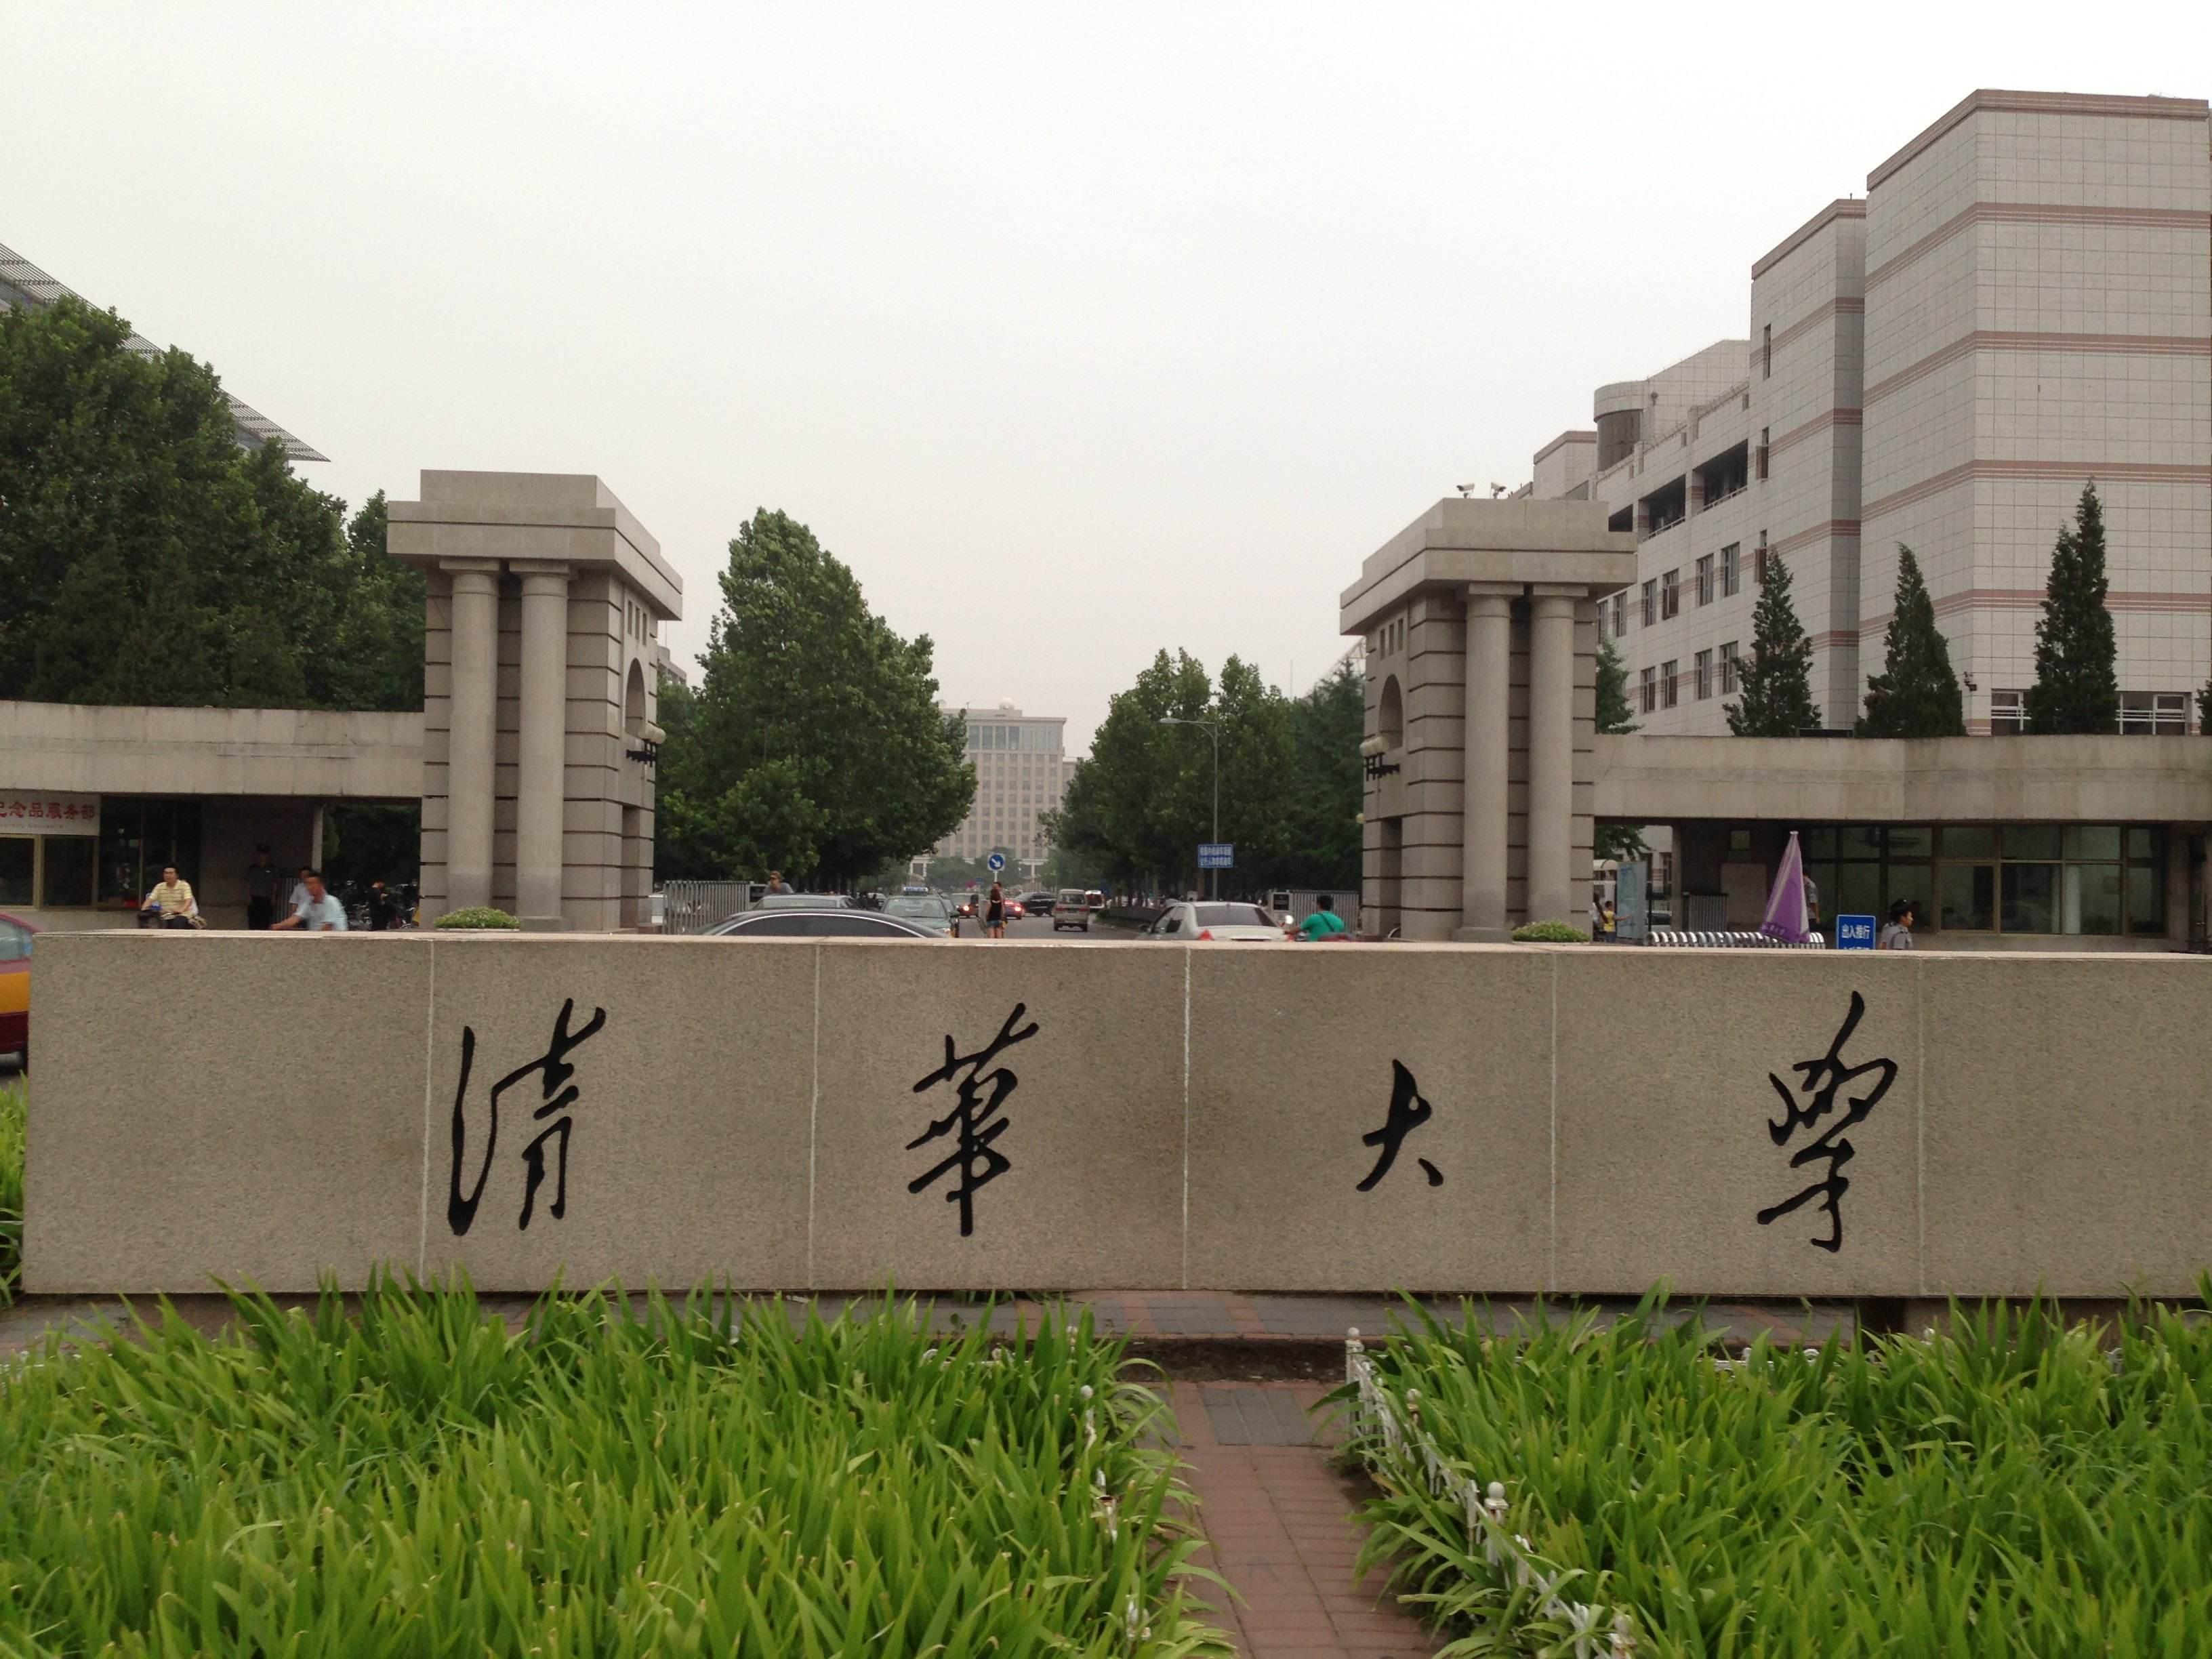 我国最能花钱的10所大学:清华大学第1,浙江大学第2,北大第9?